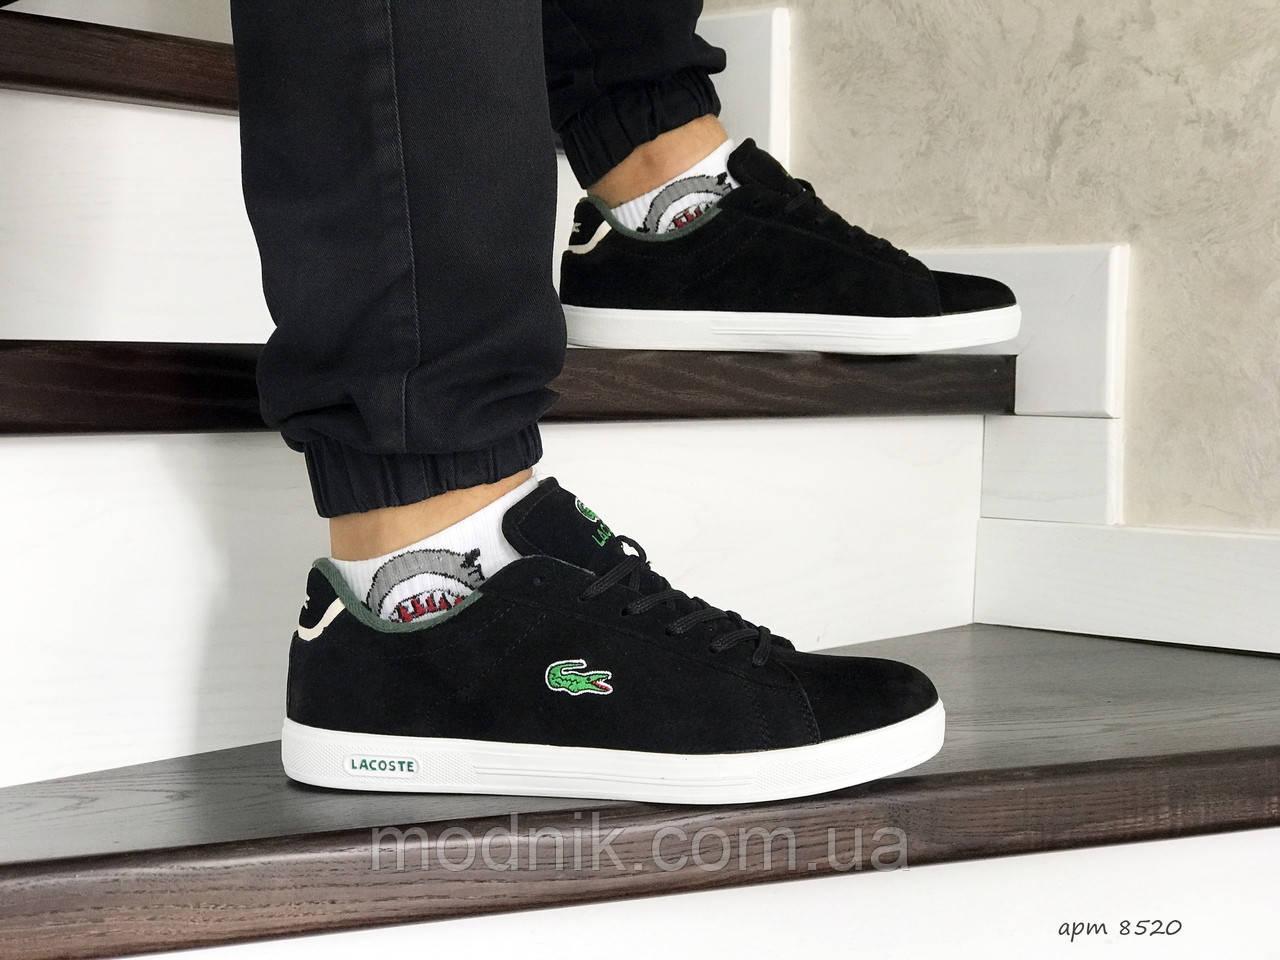 Мужские кроссовки Lacoste (черно-белые)